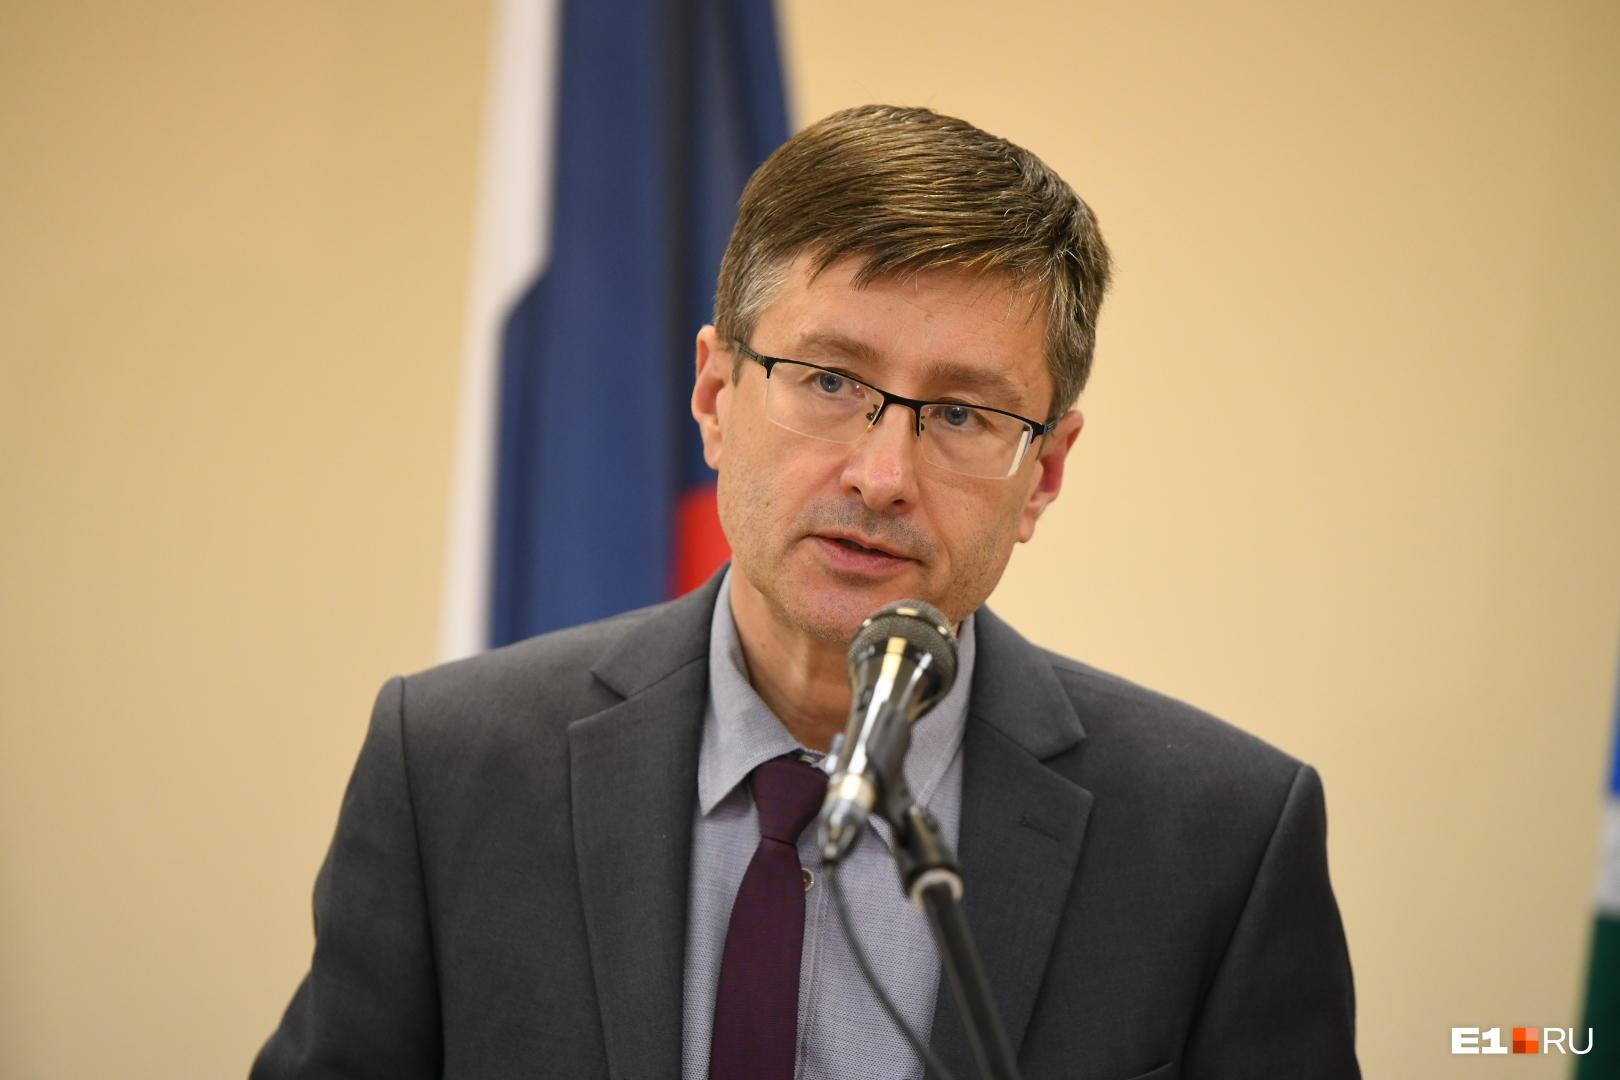 Дмитрий Козловских заявил, что число зараженных коронавирусом в официальных данных было занижено почти вдвое